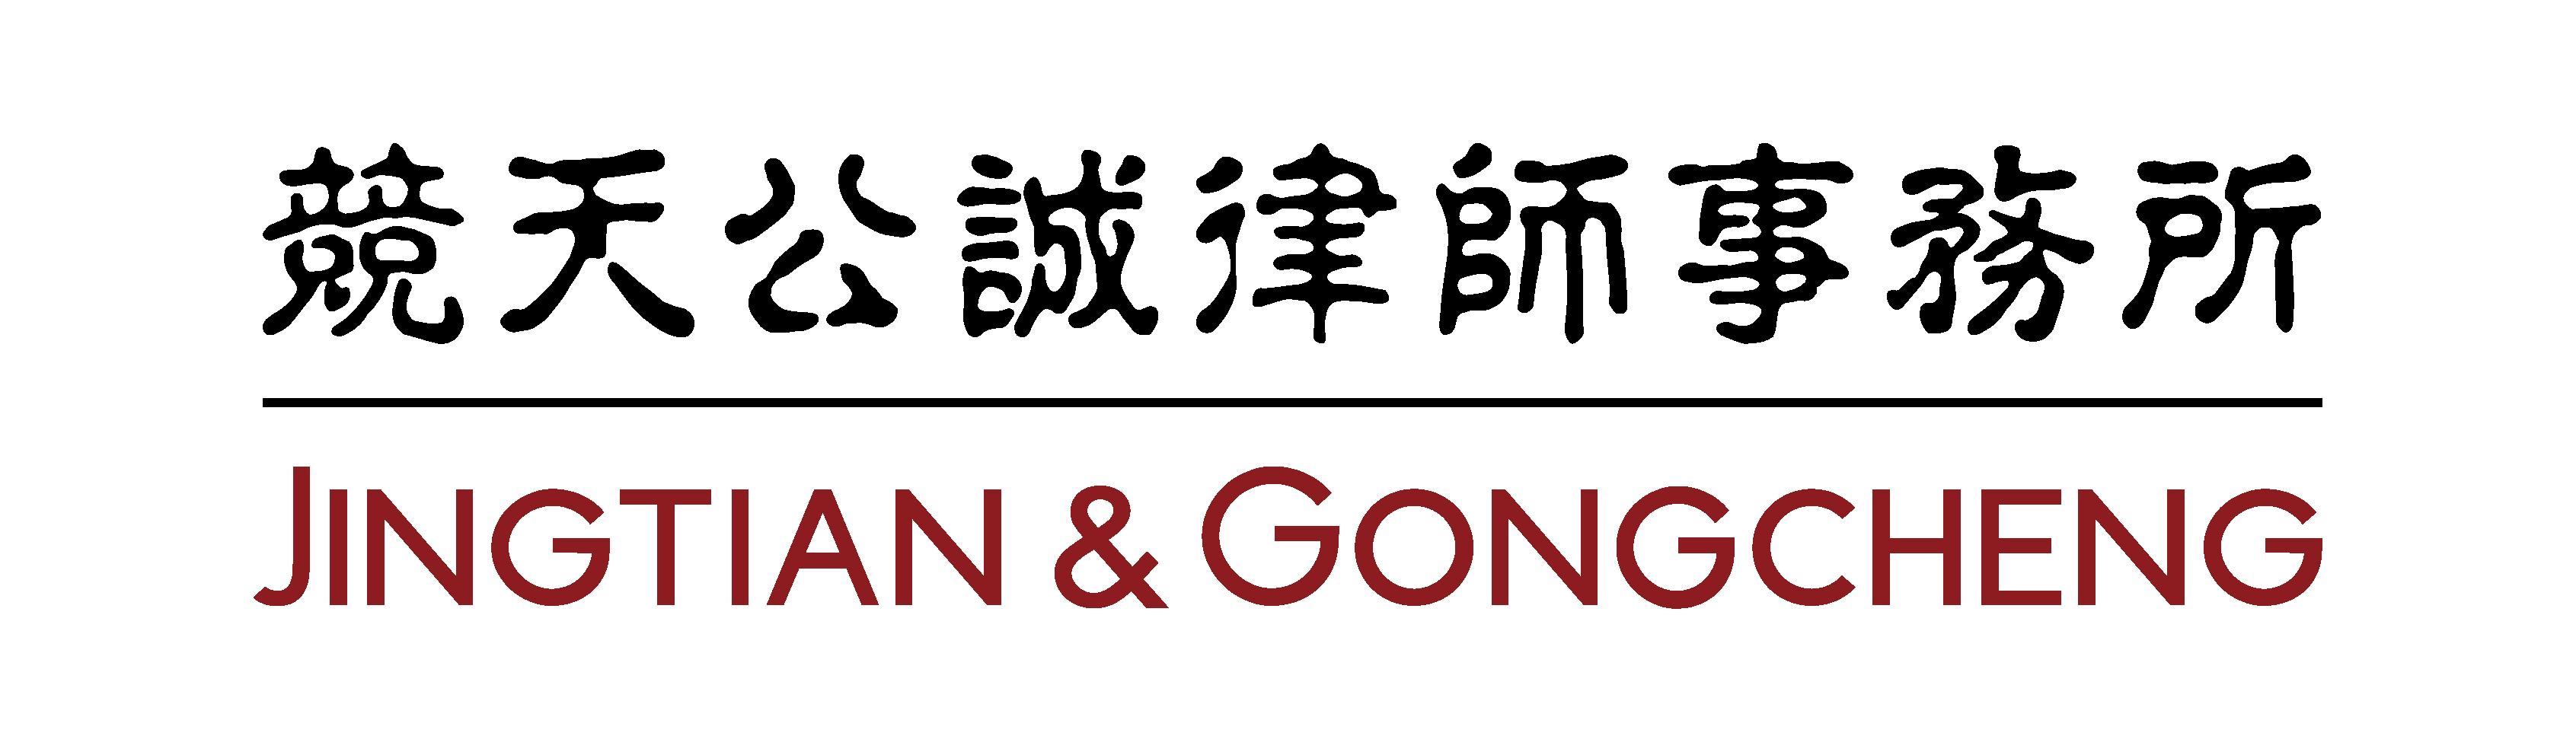 新logo-透明底